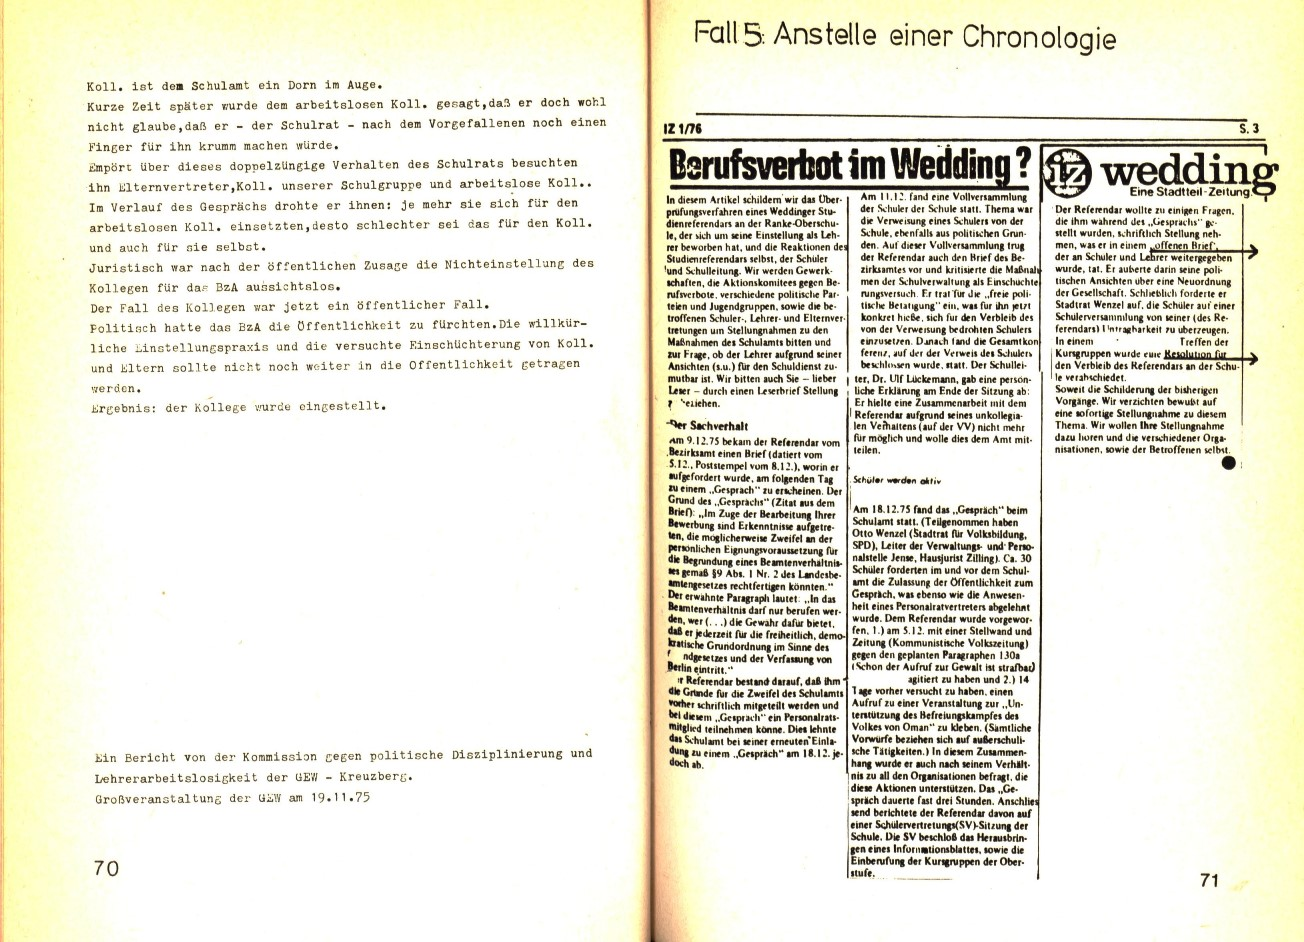 Berlin_VDS_Aktionskomitee_1976_BerufsverboteIII_37